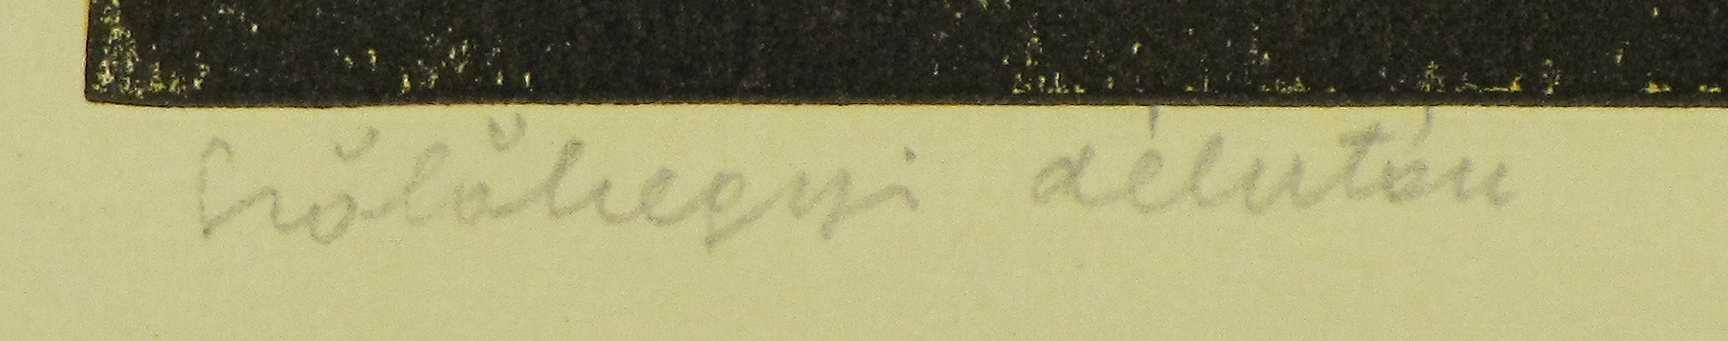 103-5sb.jpg (1728×341)